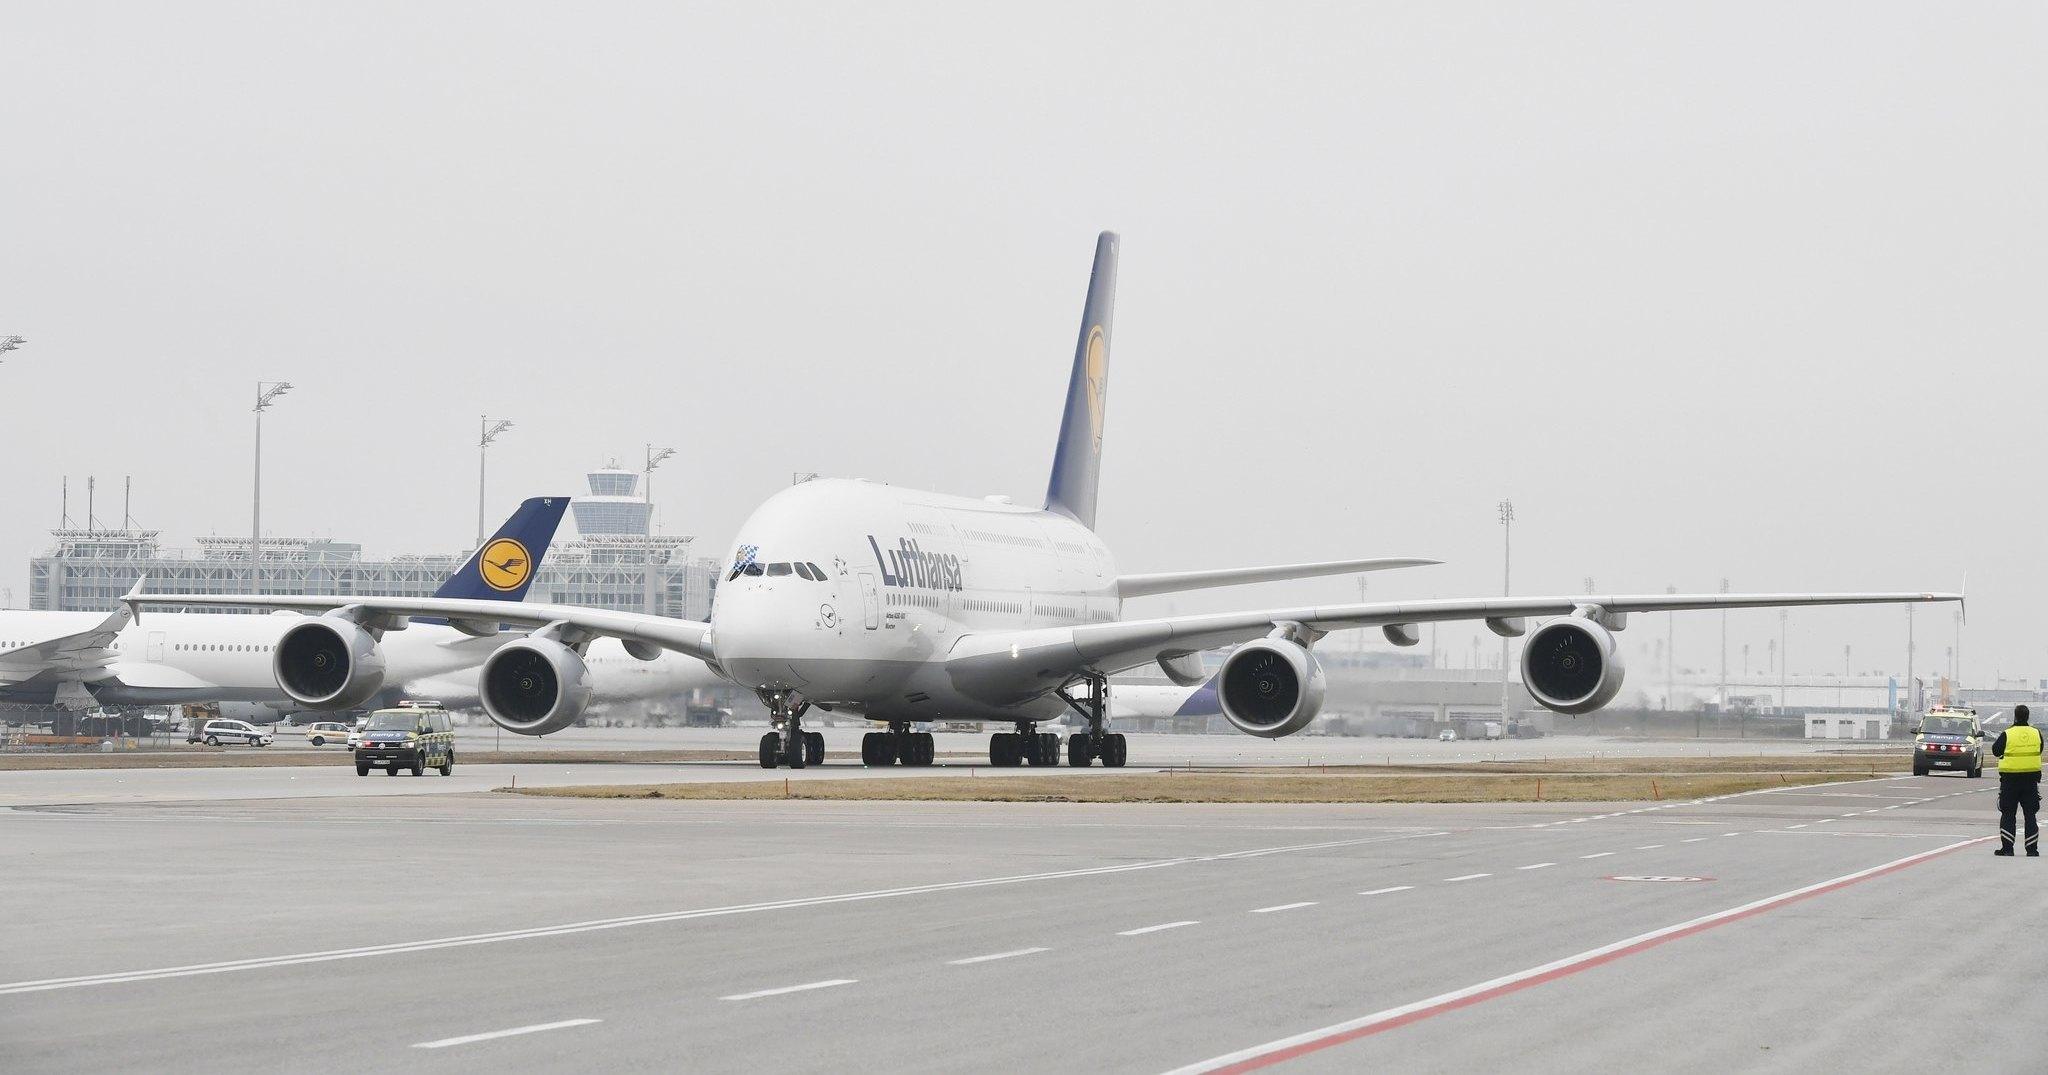 Коронавирус привёл к дефициту места на земле для самолётов